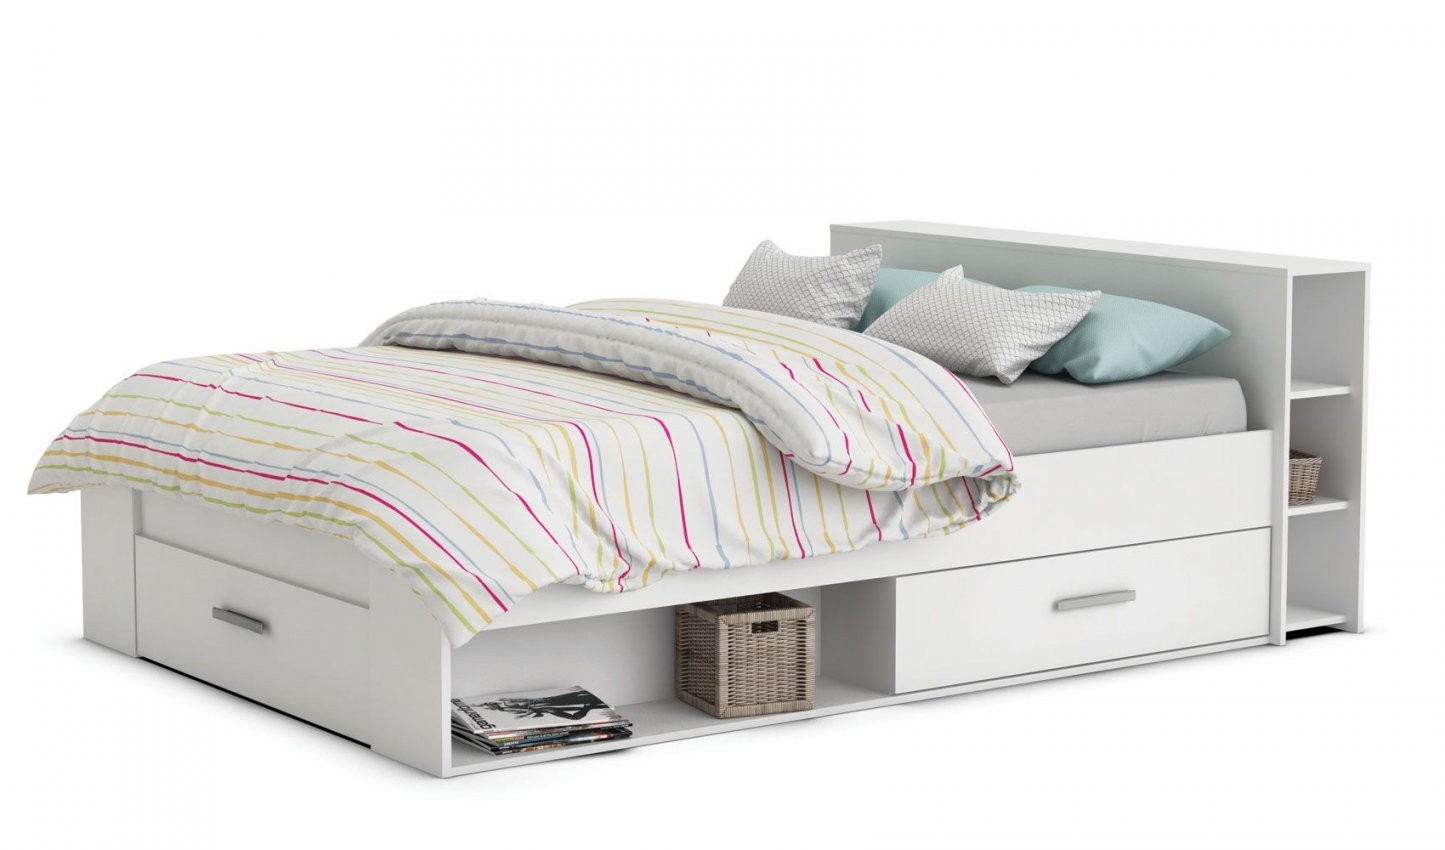 Angenehm Stauraum Bett 120X200 Bett 120X200 Galerien  Bedrooms In von Bett 120X200 Weiß Holz Photo